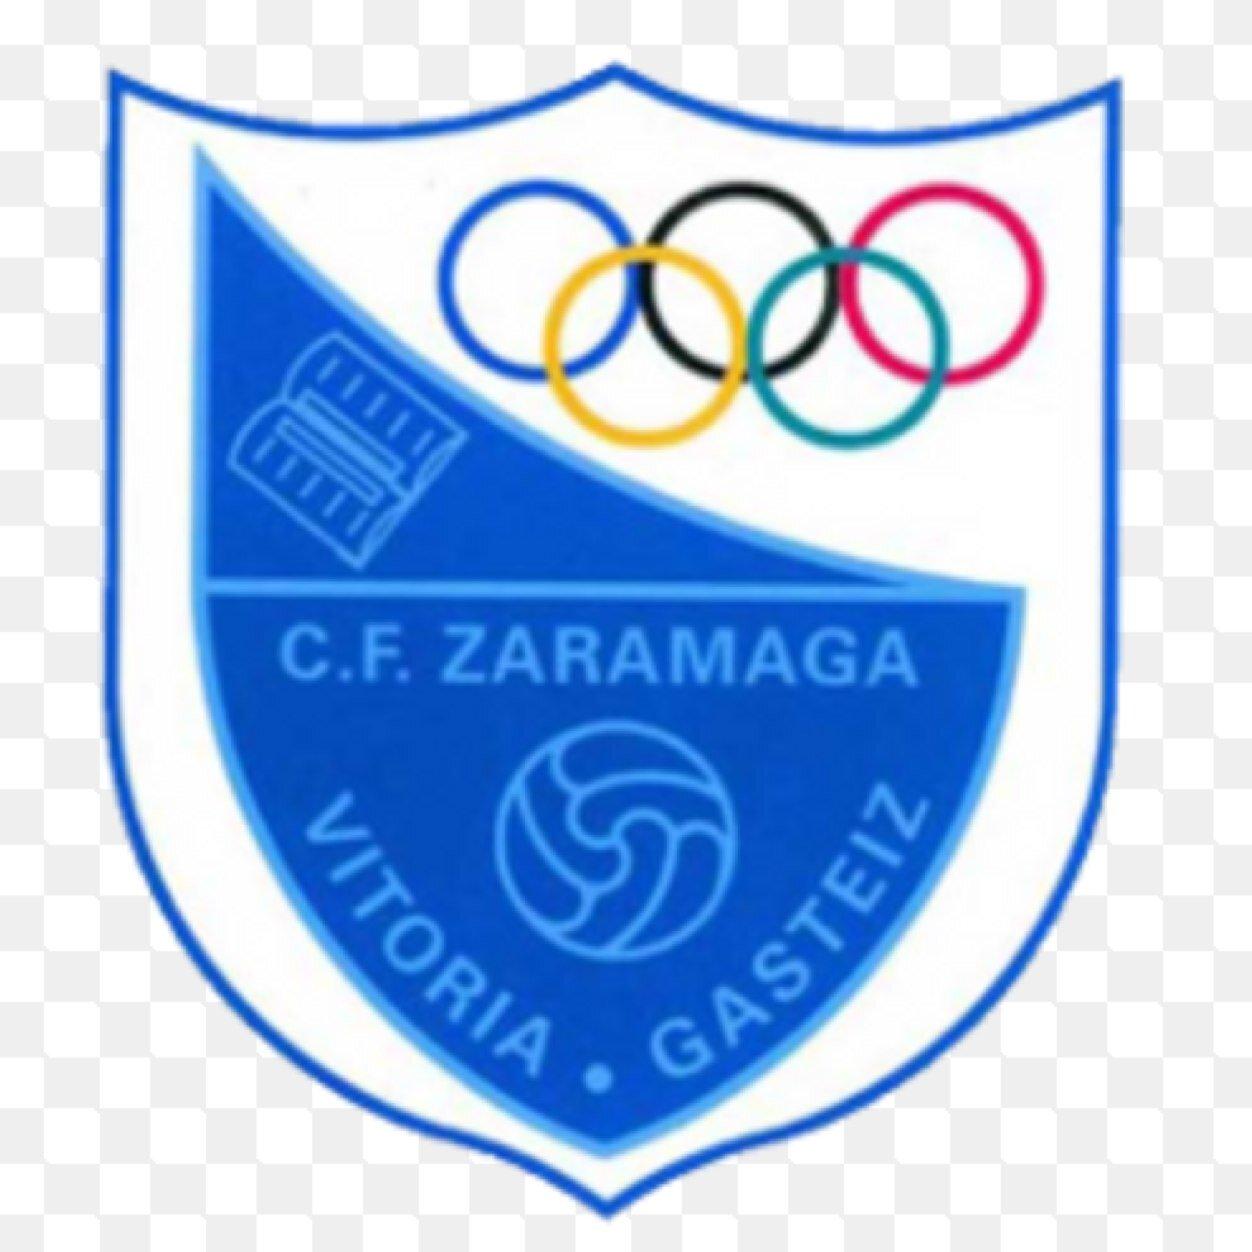 ZARAMAGA C.F.